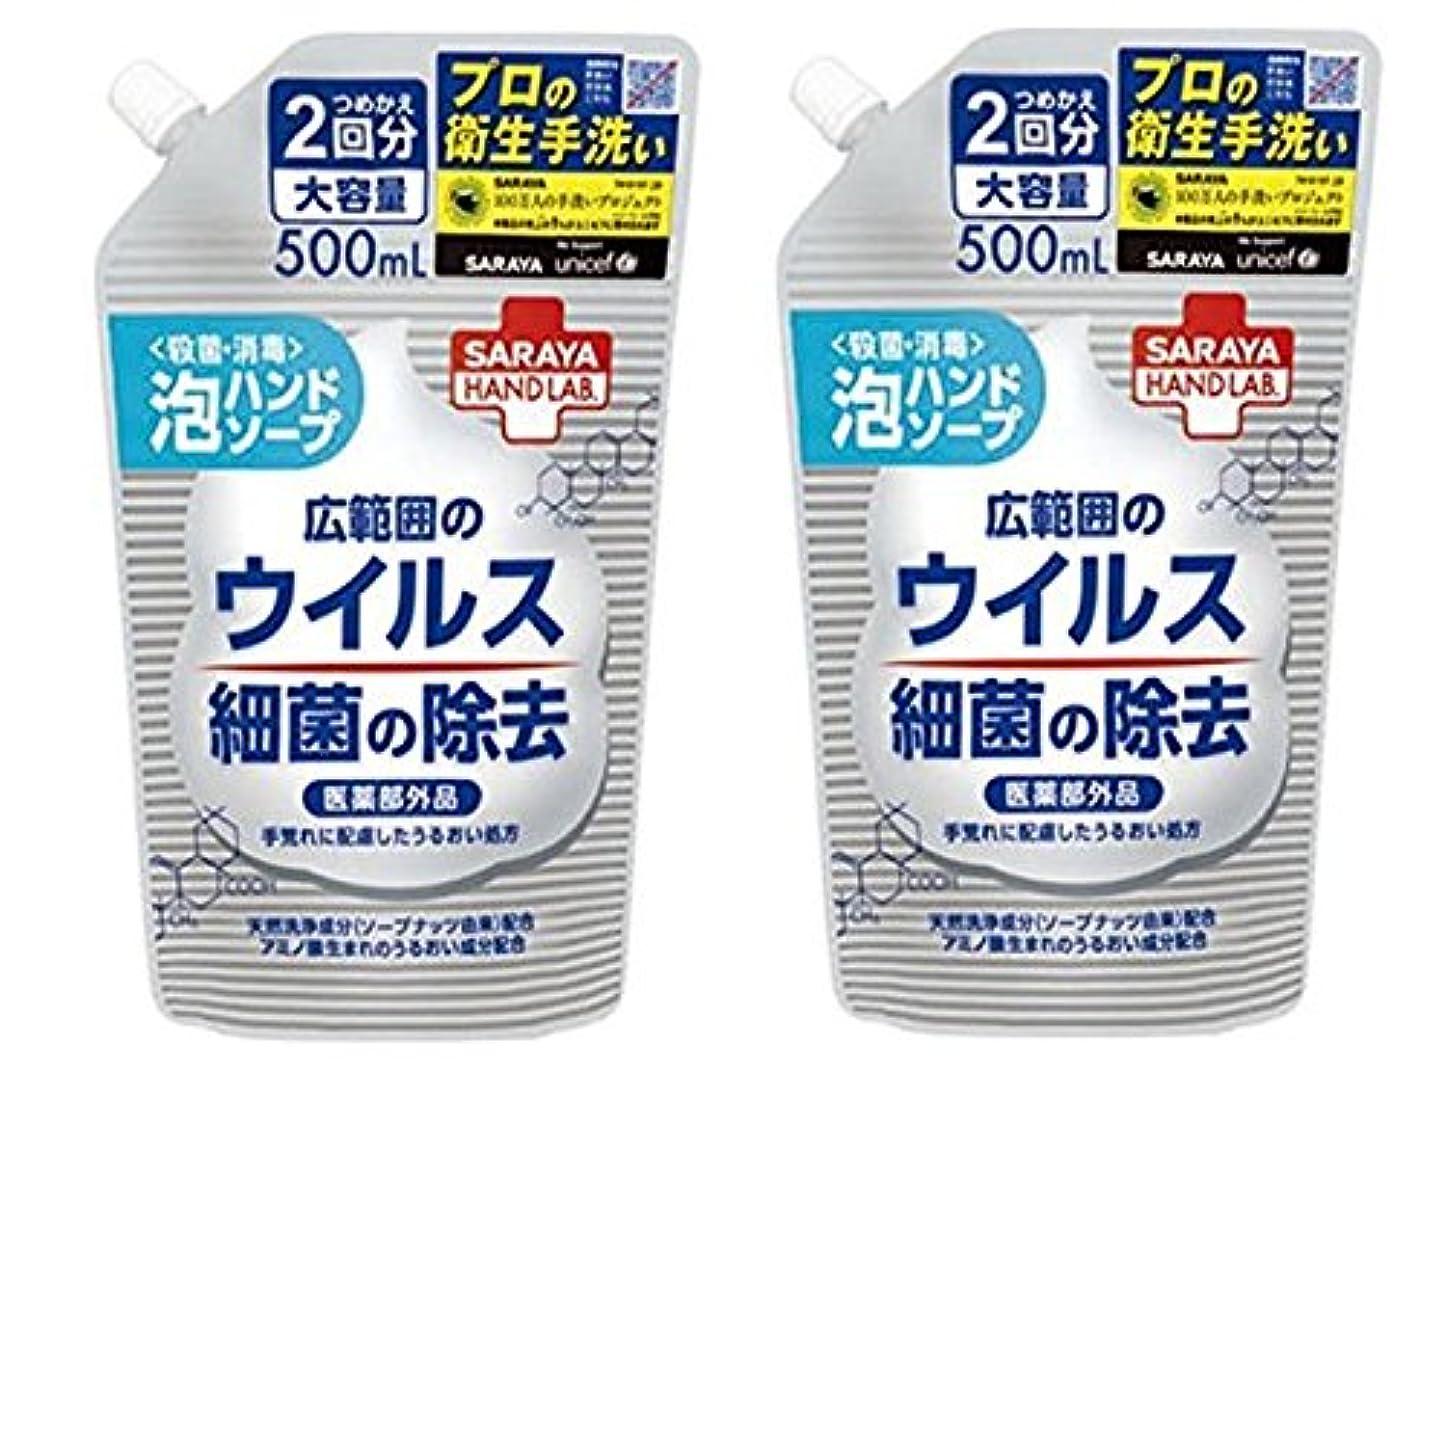 【まとめ買い】サラヤ ハンドラボ 薬用泡ハンドソープ つめかえ用 500mL [医薬部外品] × 2個